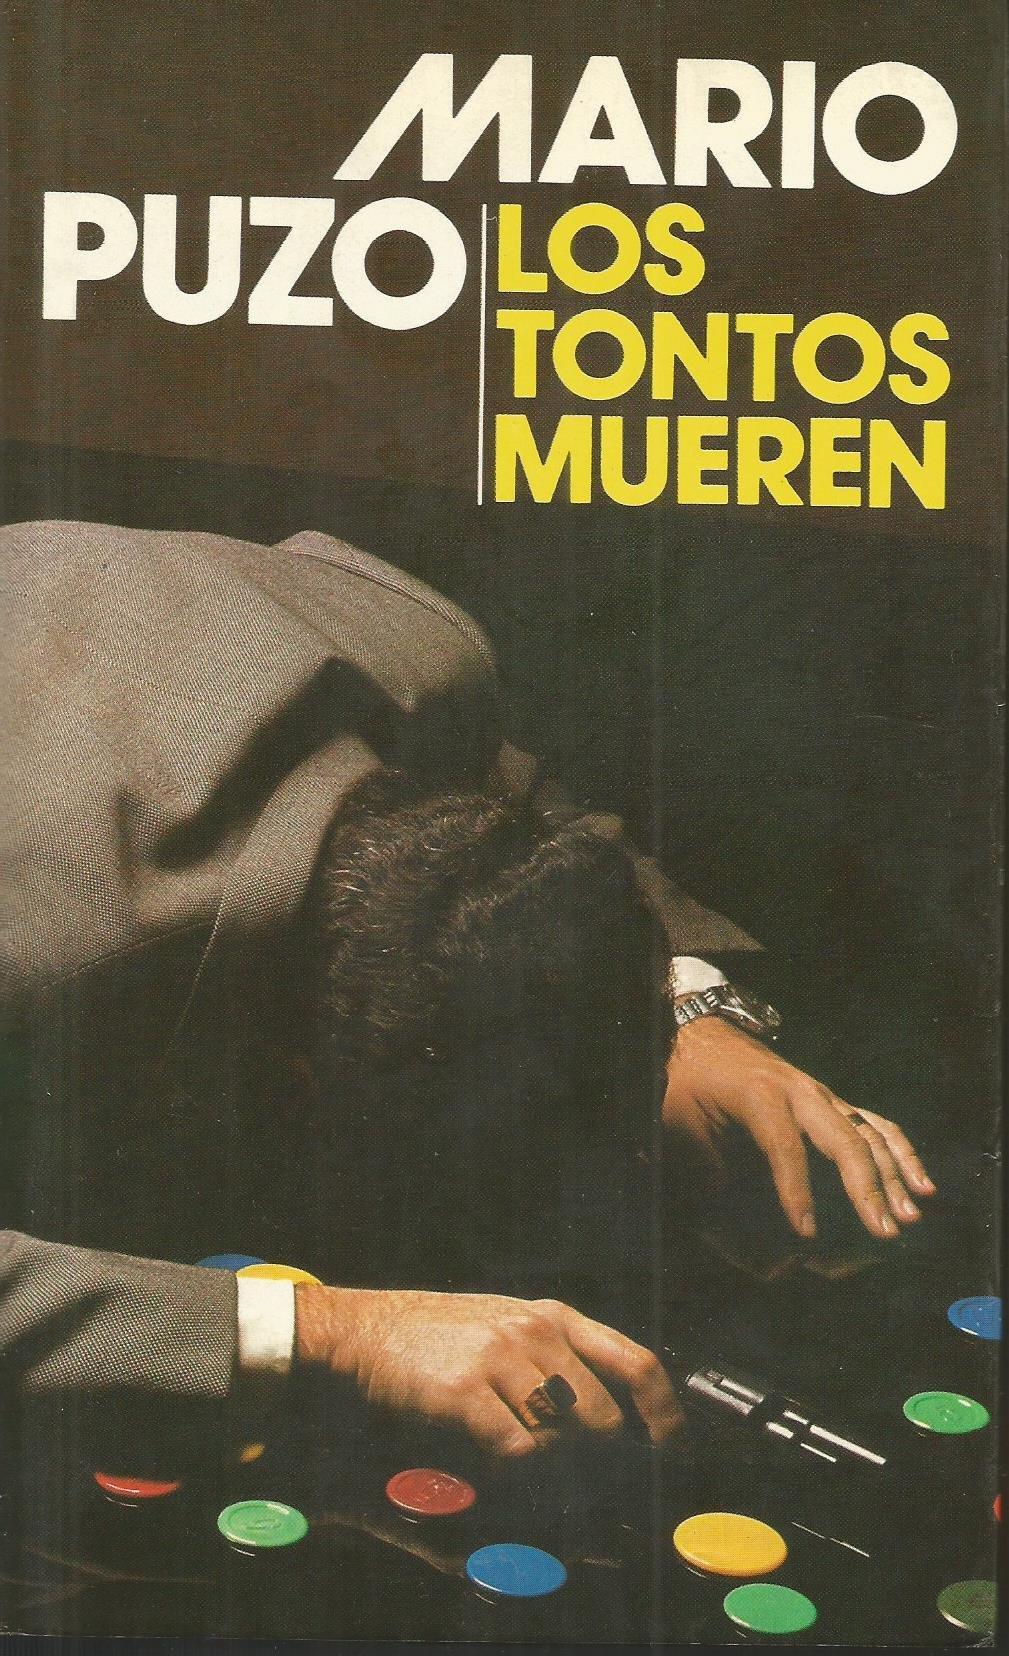 Los Tontos Mueren: Amazon.es: Puzo, Mario: Libros